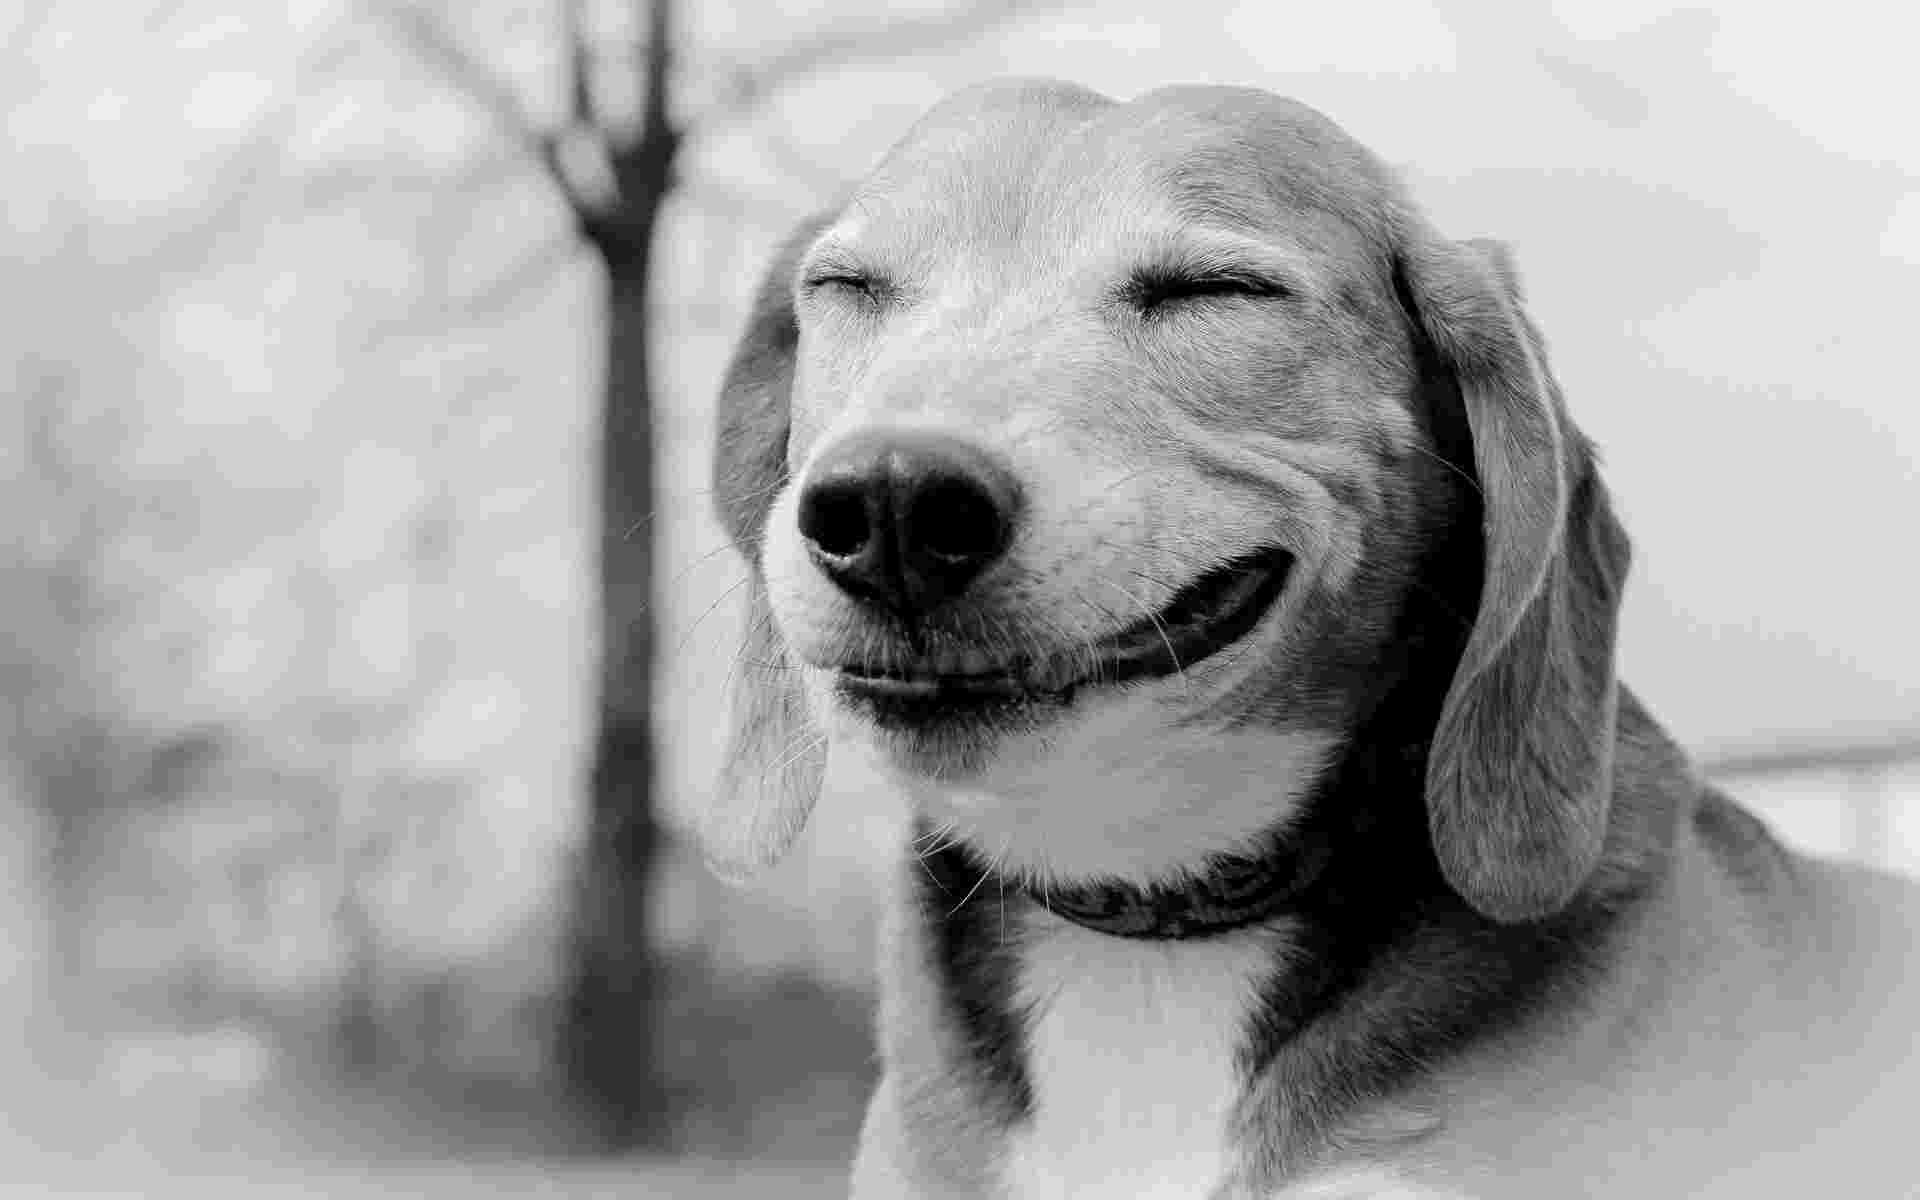 28554-smiling-dog-animal-desktop-wallpaper-1920x1200